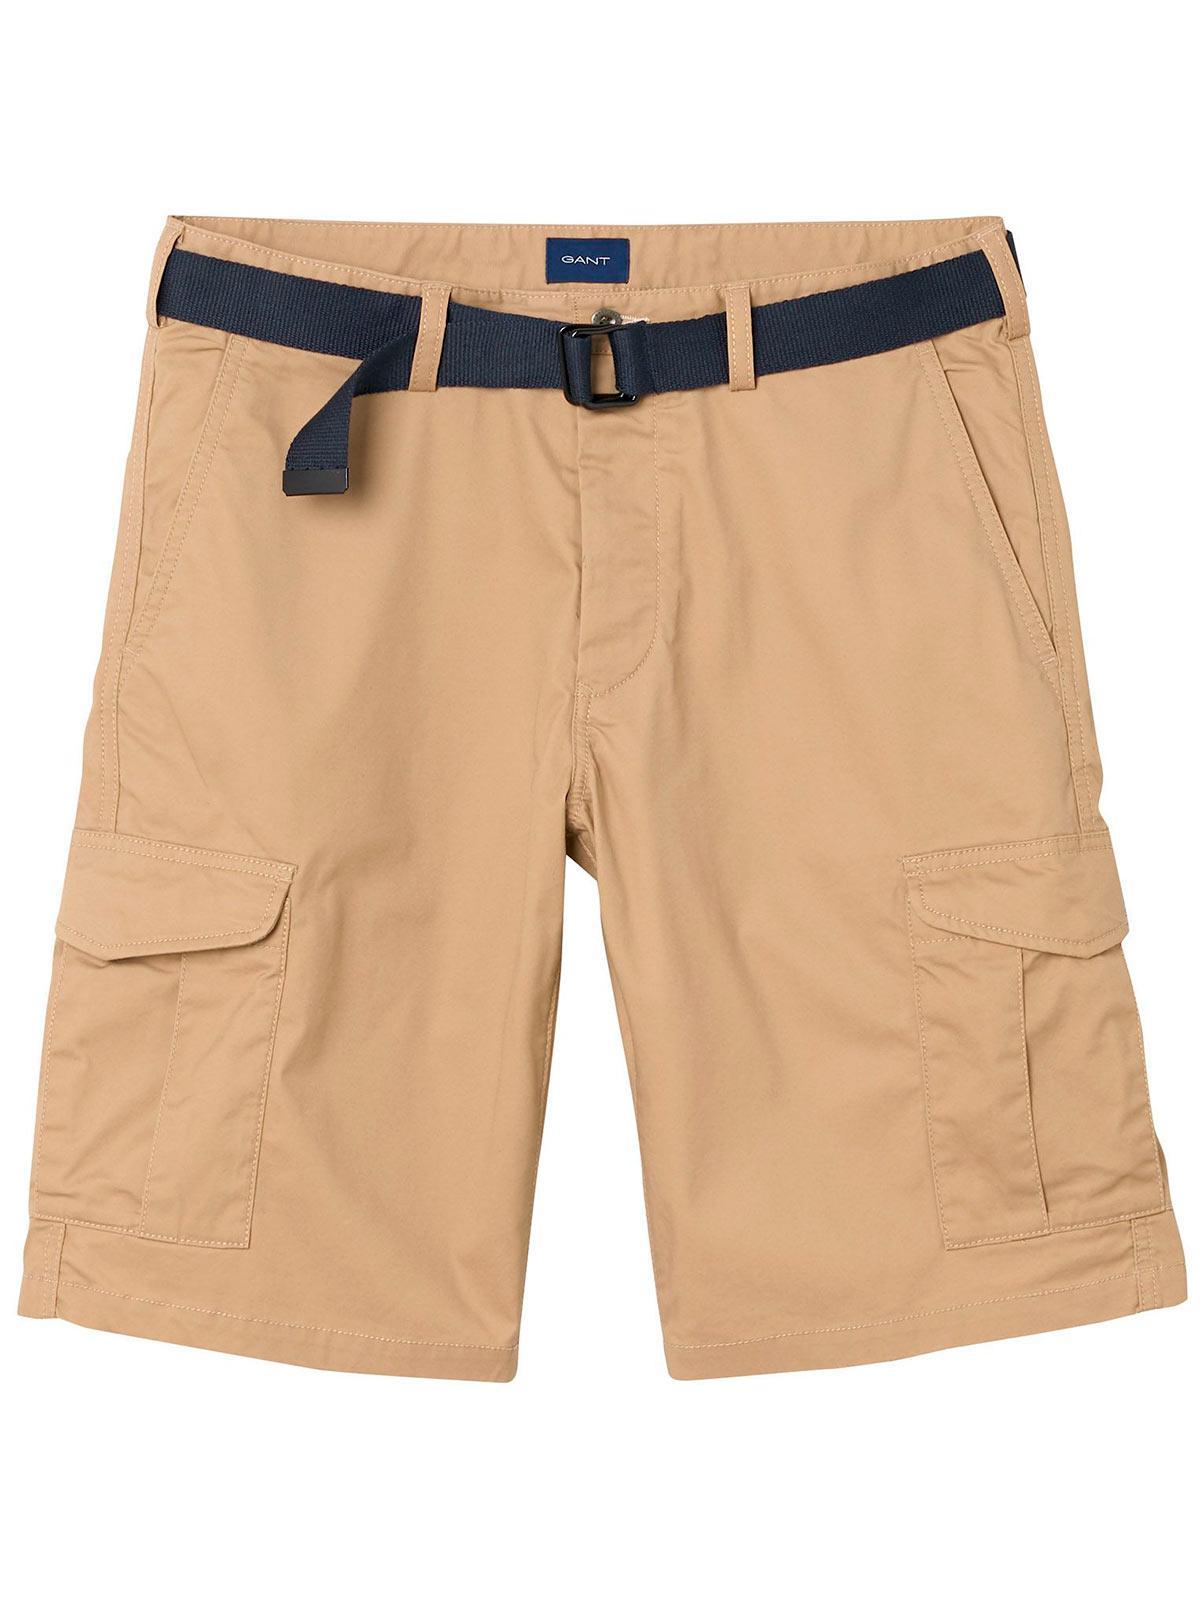 Shorts Des Hommes En Twill Détendues Gant XKPyx5r